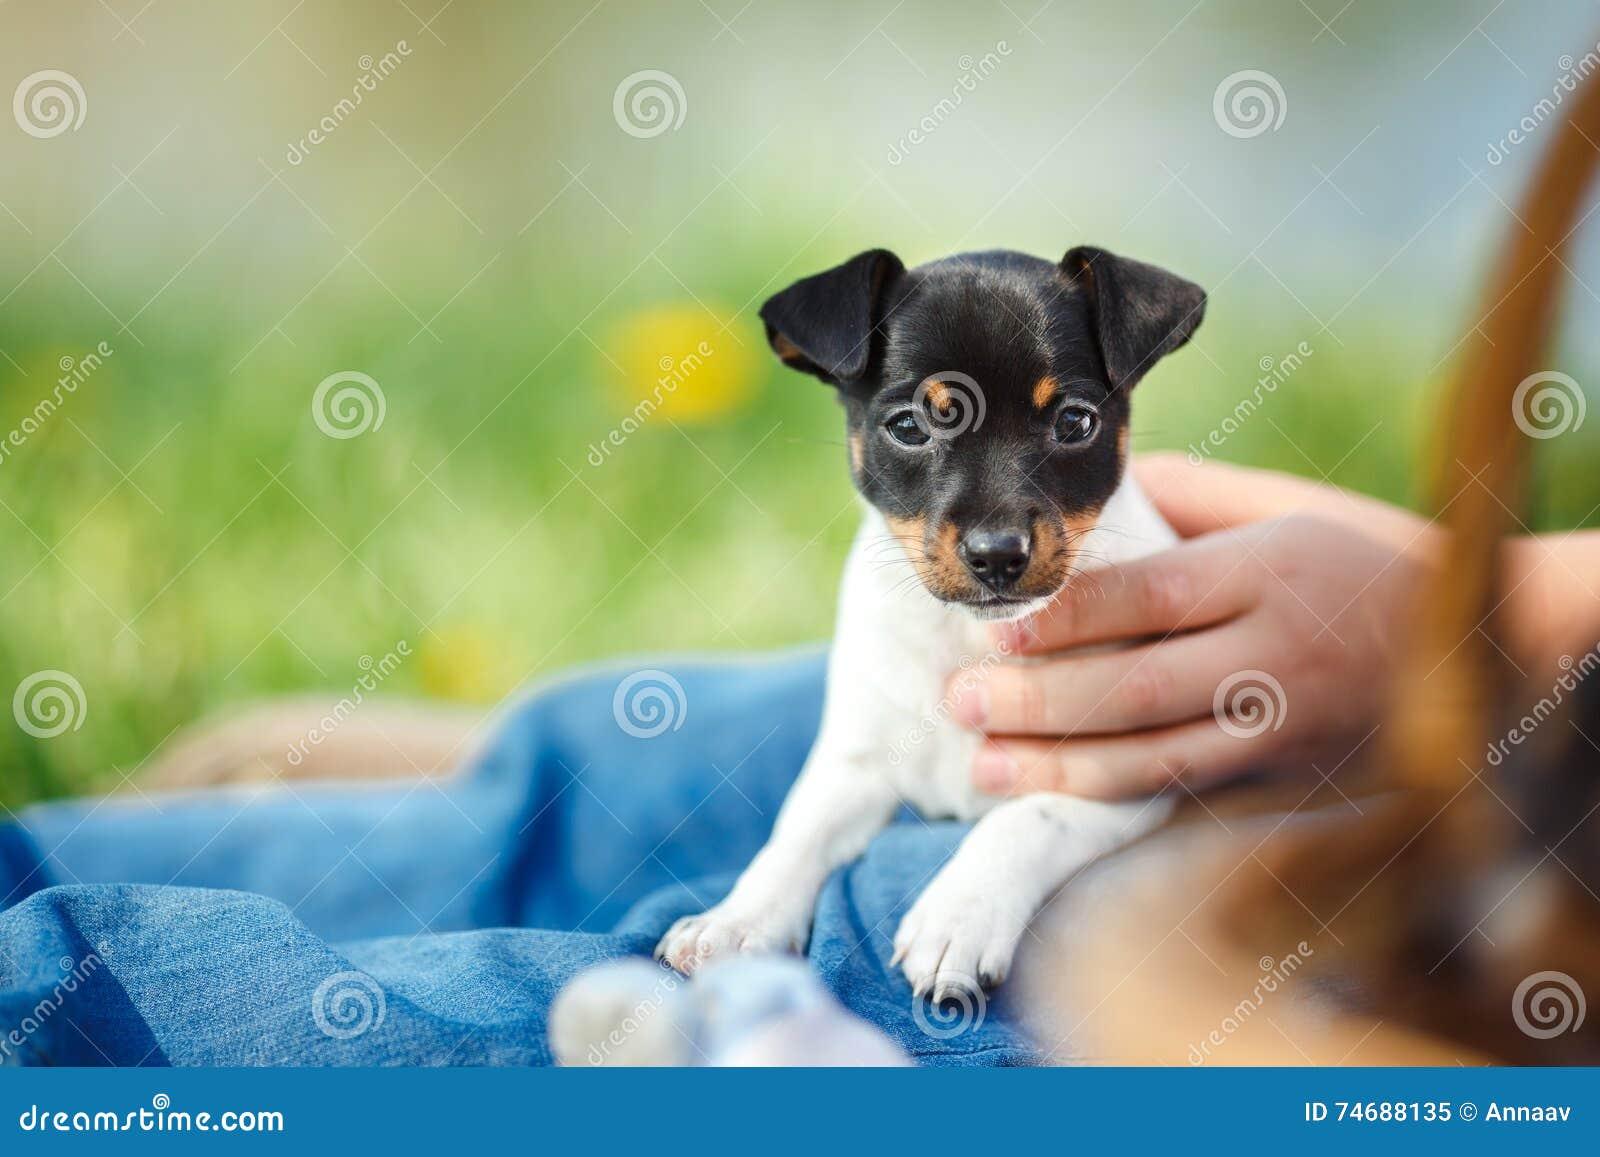 Hundezucht Spiele